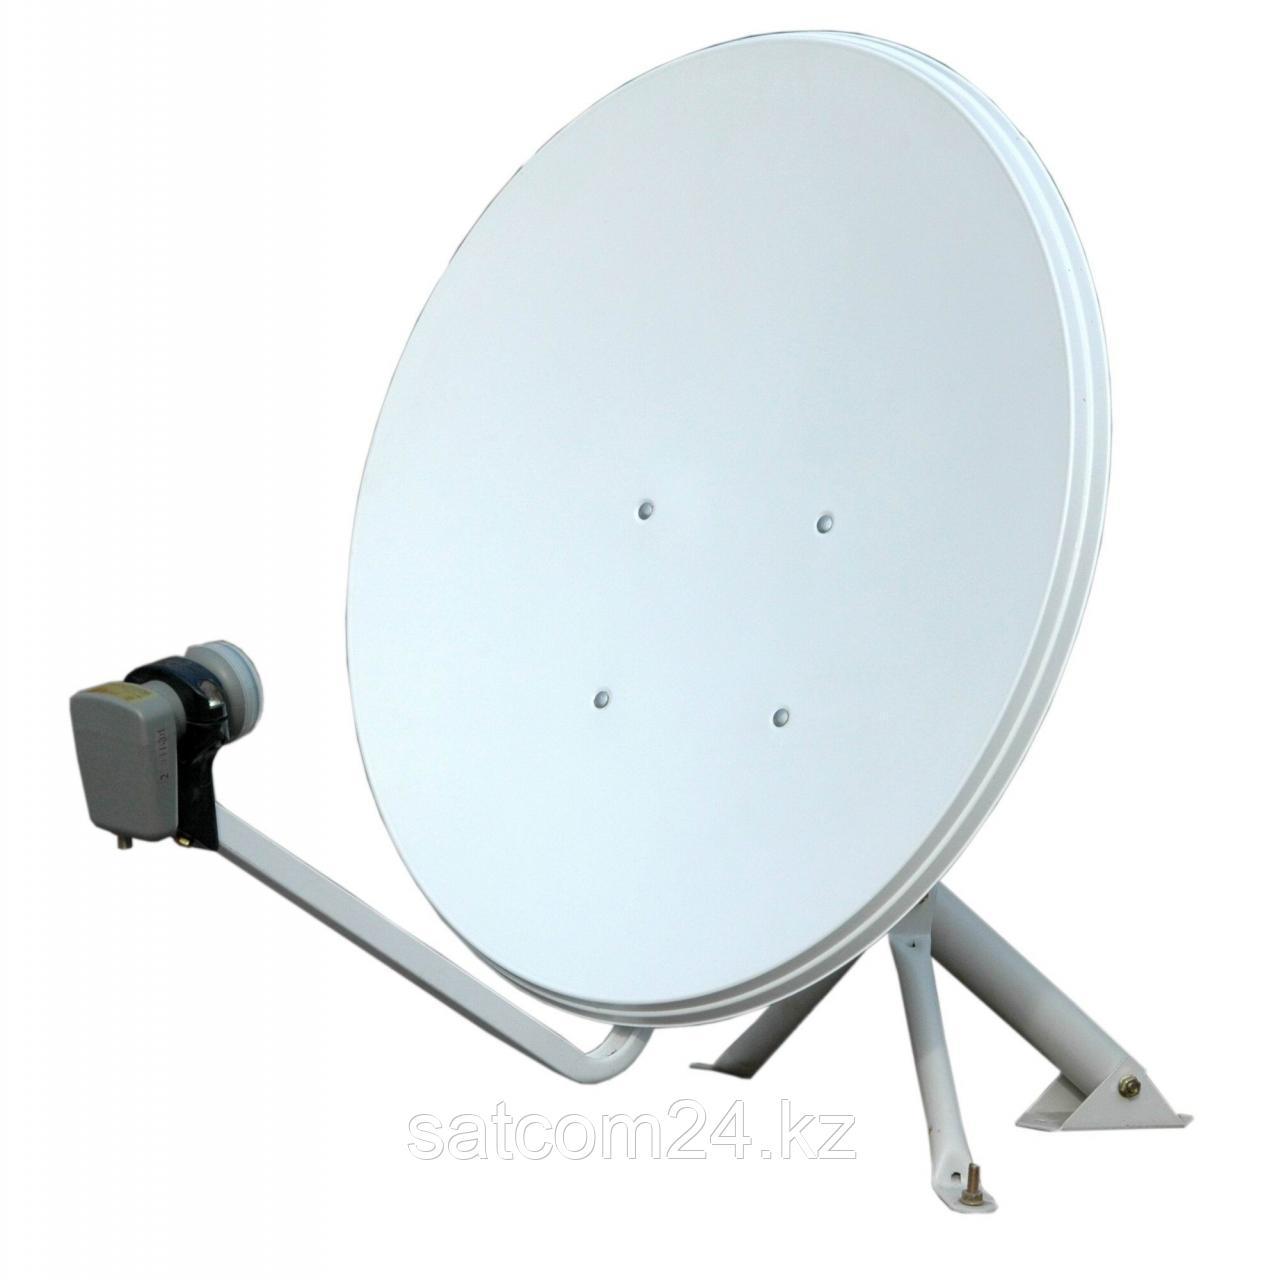 Спутниковая антенна Dreamsky 0,8 м